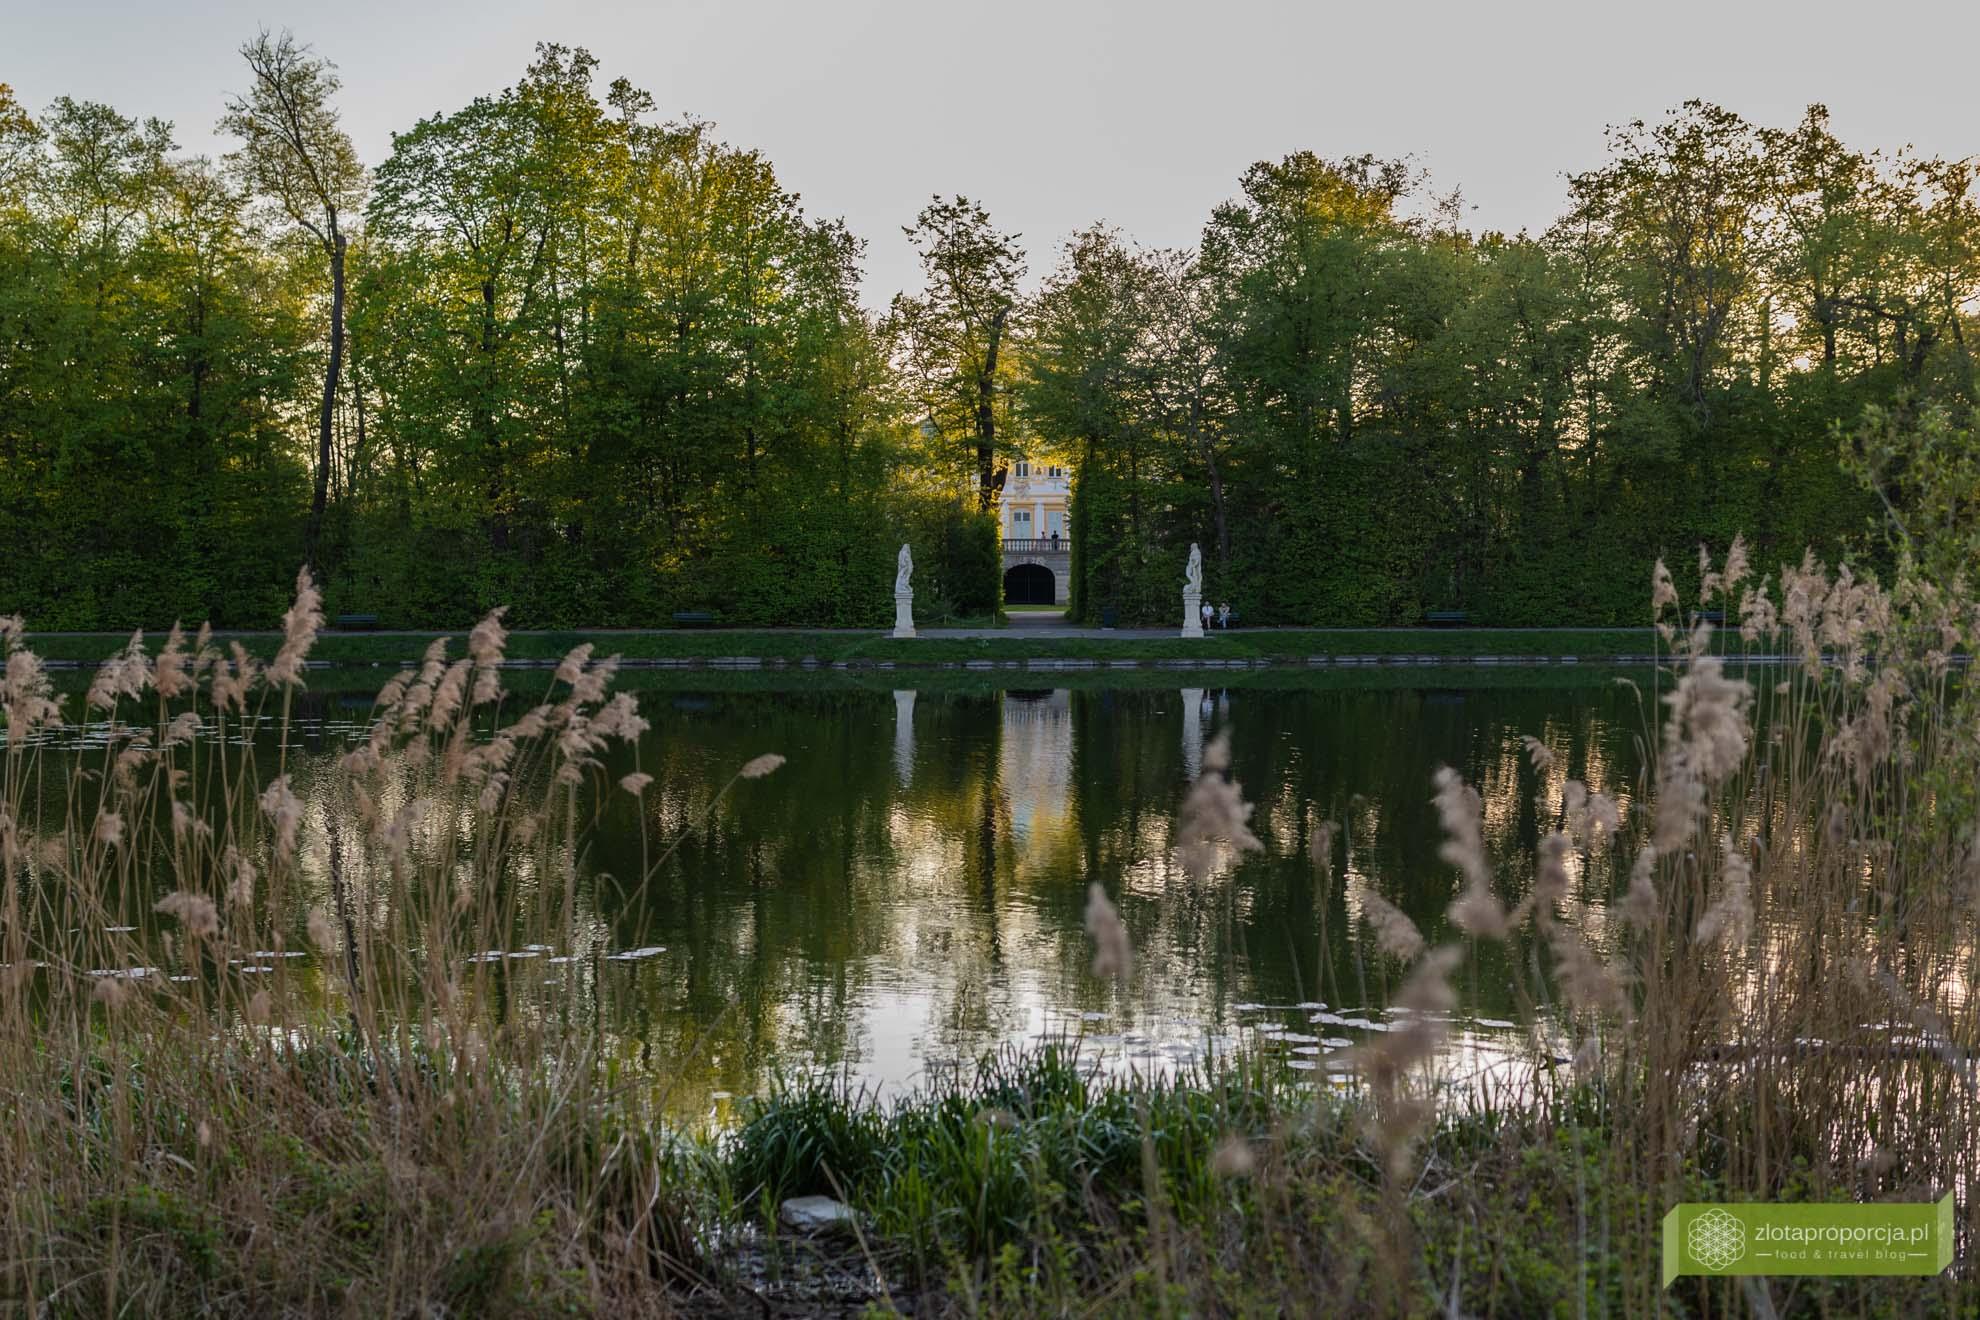 Morysin; Rezerwat Przyrody Morysin; Wilanów; atrakcje Wilanowa; Warszawa; widok na Pałac w Wilanowie Morysin;